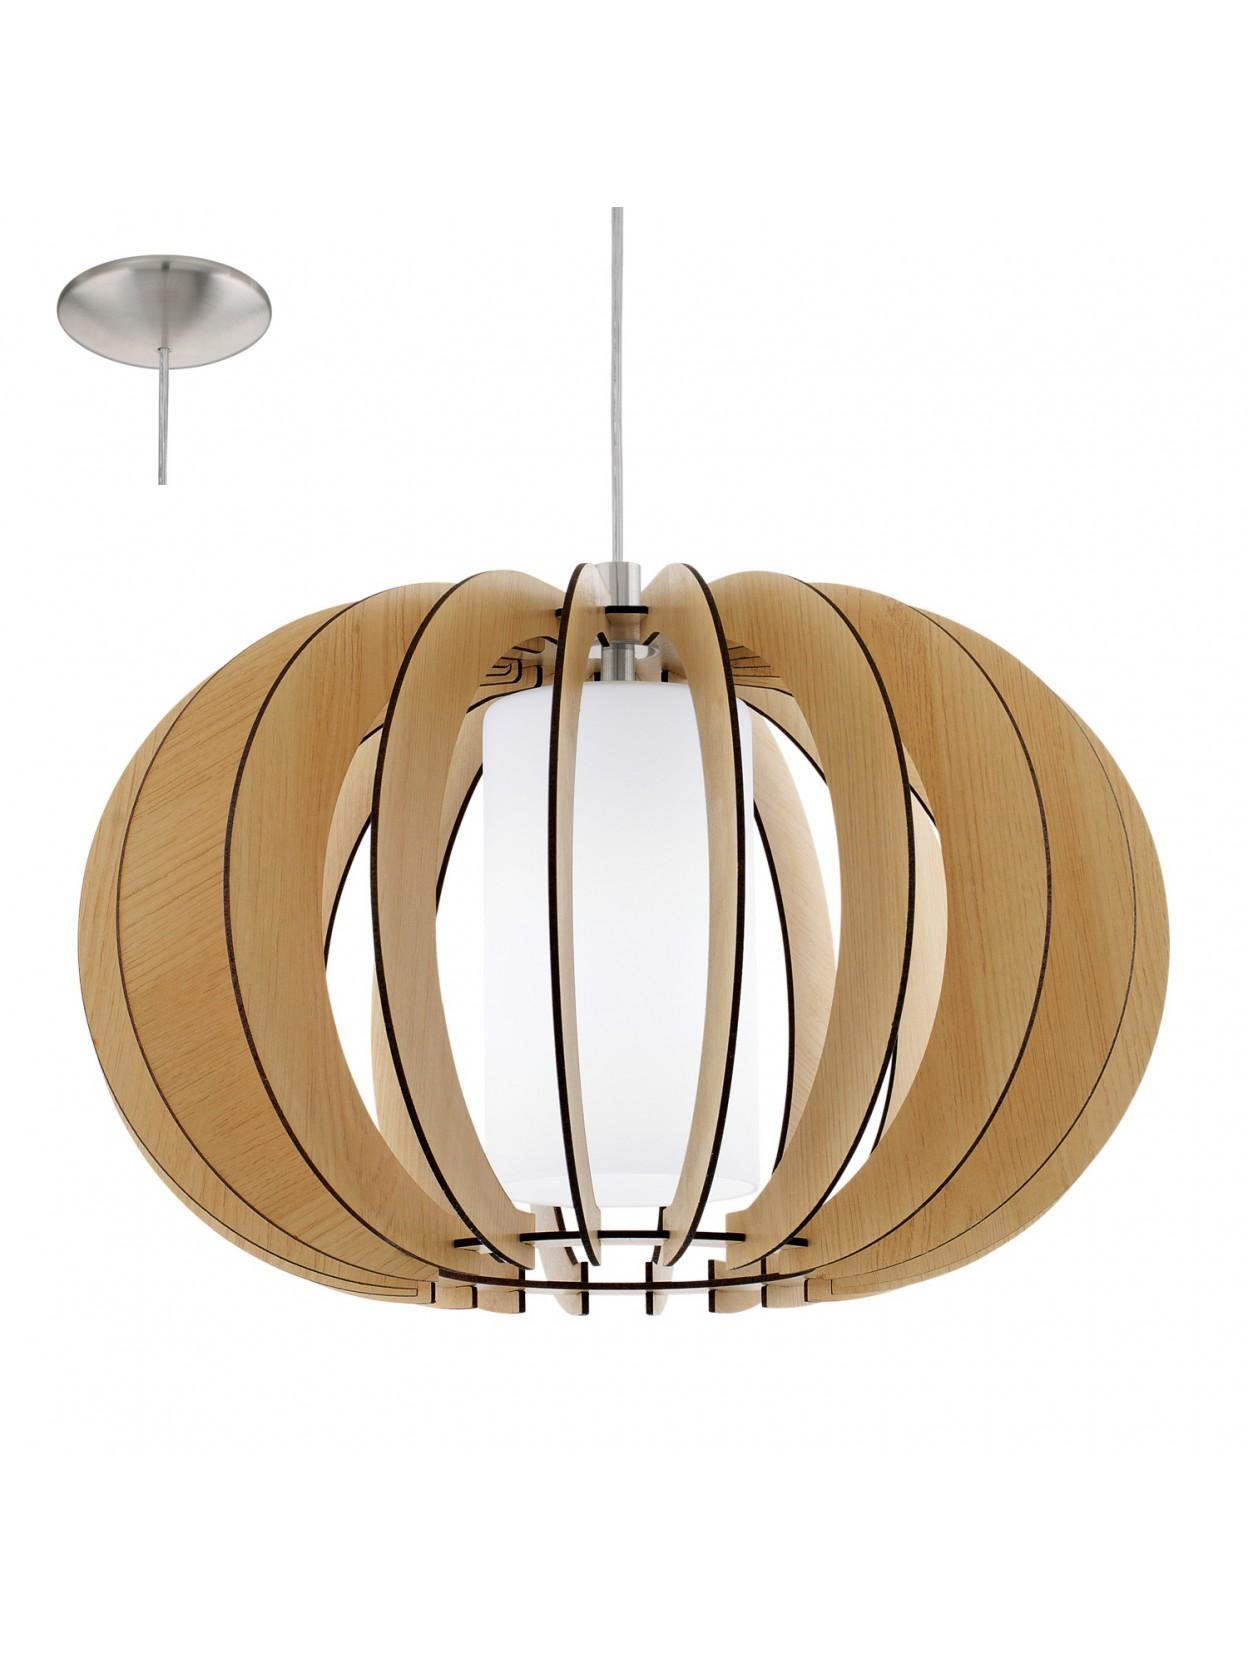 Lampadario in legno moderno 1 luce glo 95598 stellato 1 for Lampadario legno moderno